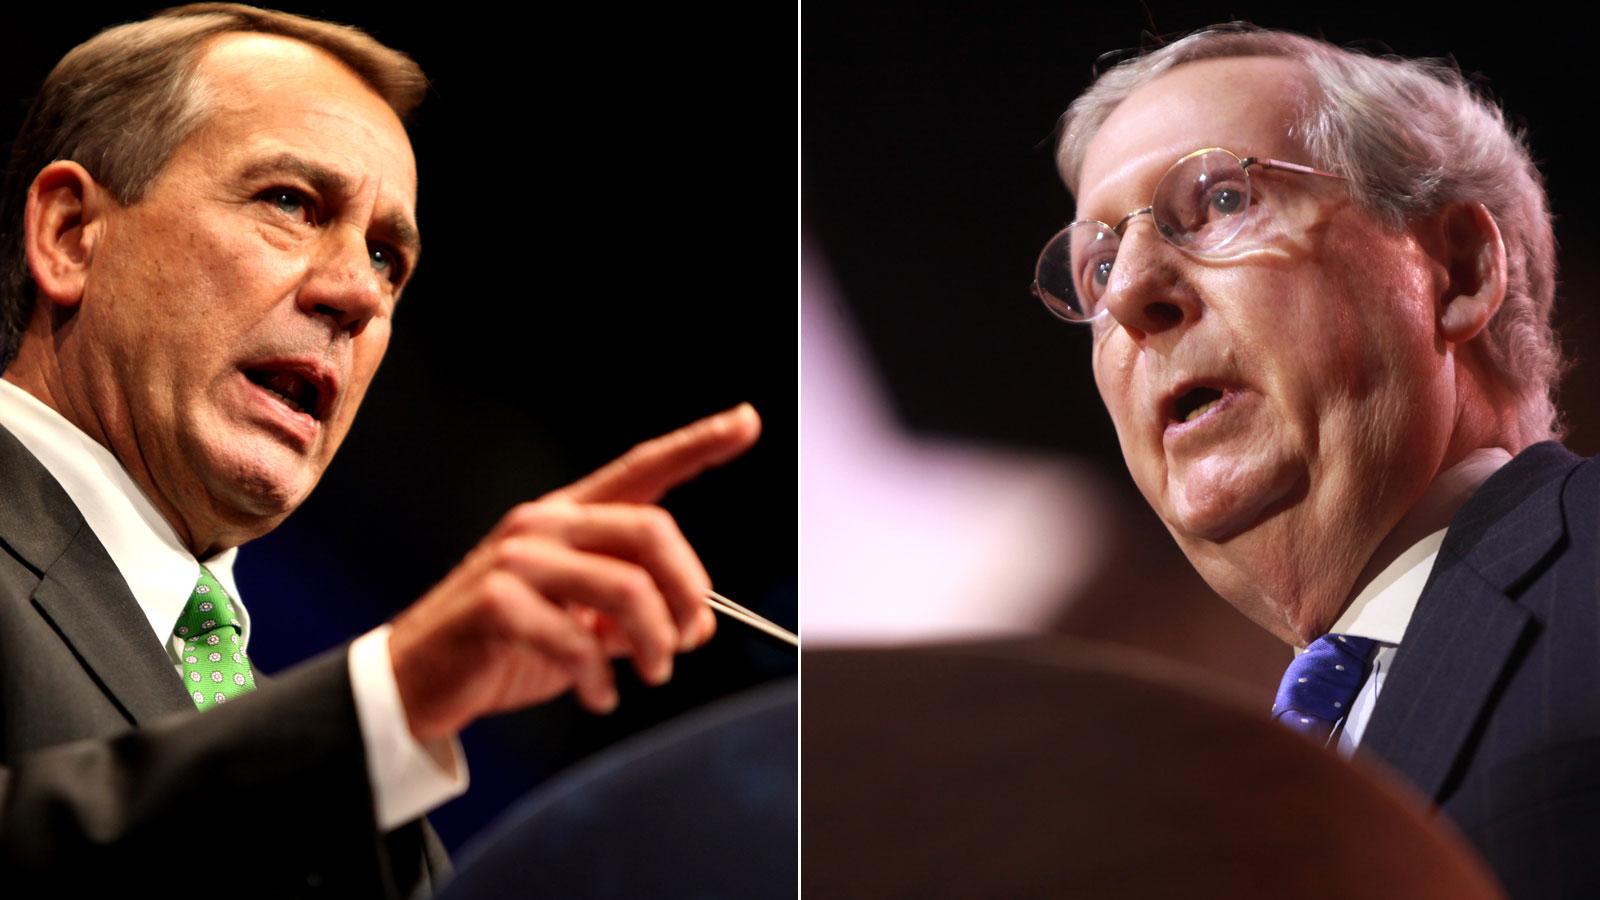 John Boehner & Mitch McConnell